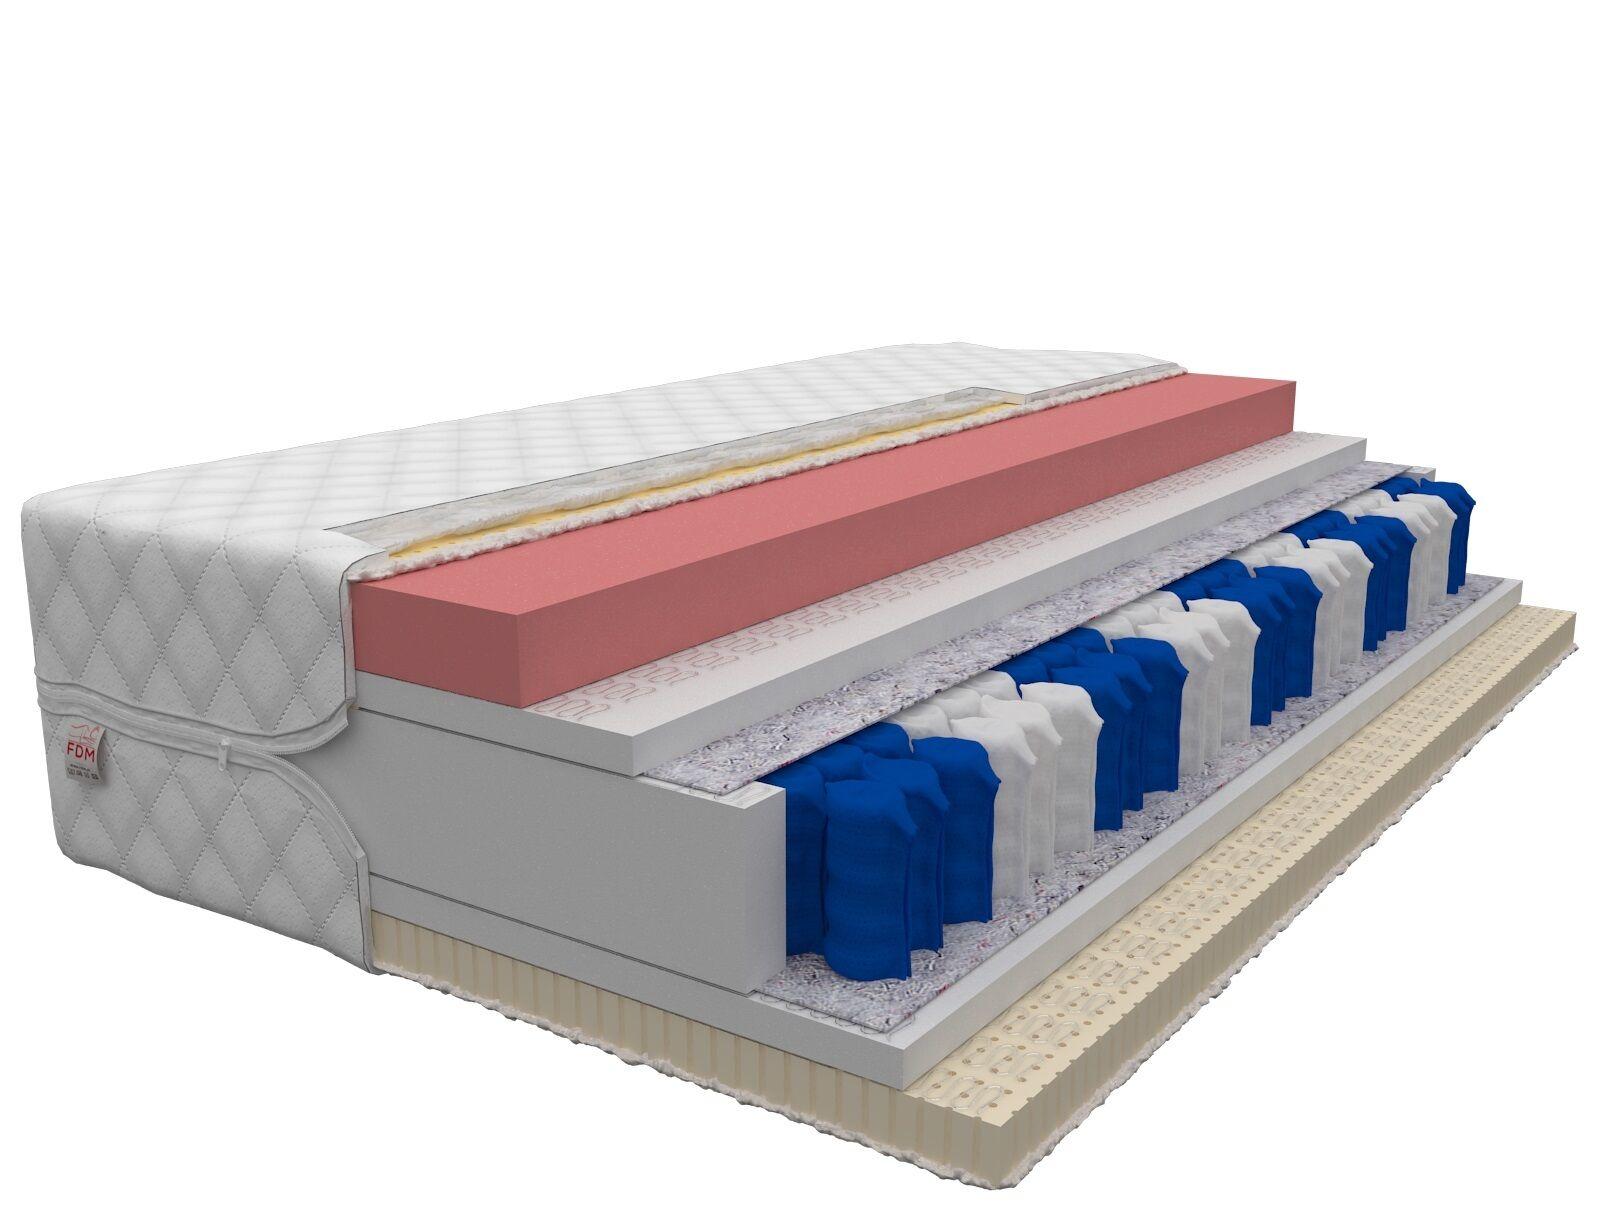 Matratze HATI MAX 28cm 9 Zonen H2 H3 Latex Visco Taschenfederkern Größe wählbar